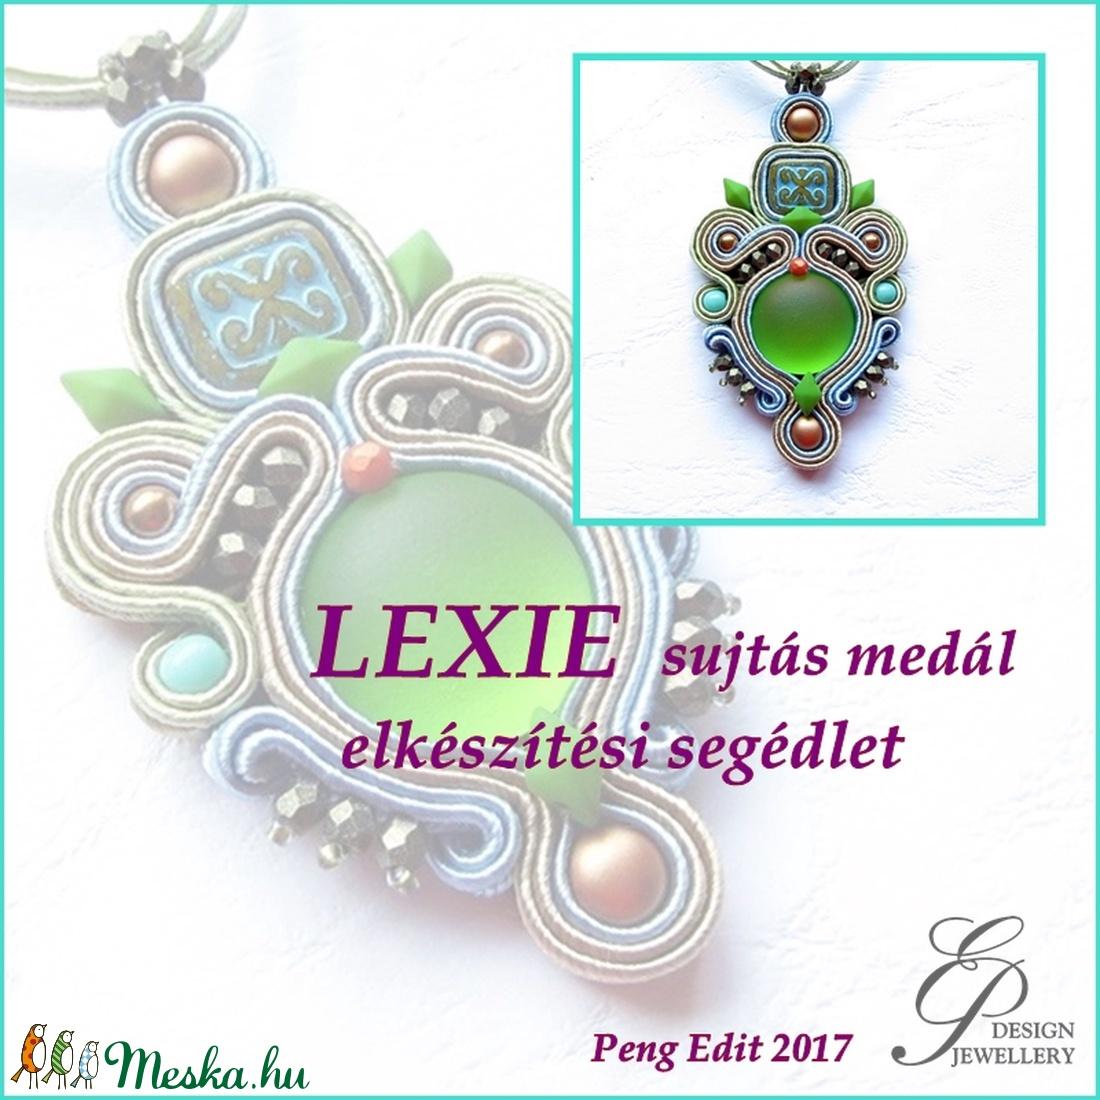 Lexie sujtás medál elkészítési segédlet (Pengedit) - Meska.hu